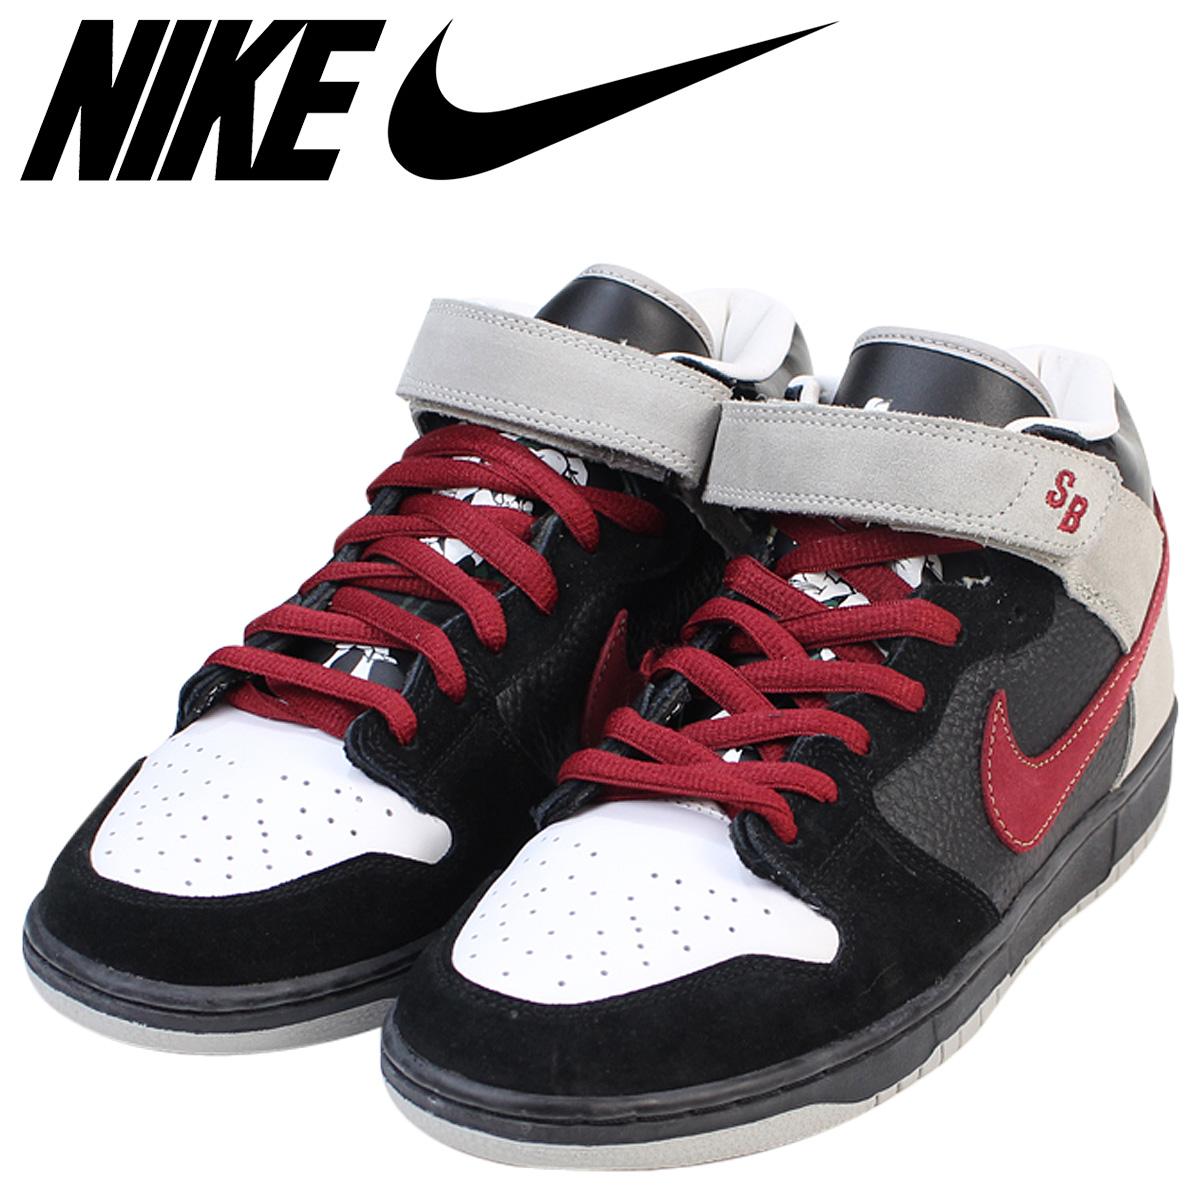 913aff9c24e5 ALLSPORTS  NIKE Nike SB dunk mid sneakers DUNK MID PREMIUM GUNS  amp  ROSES  men 314